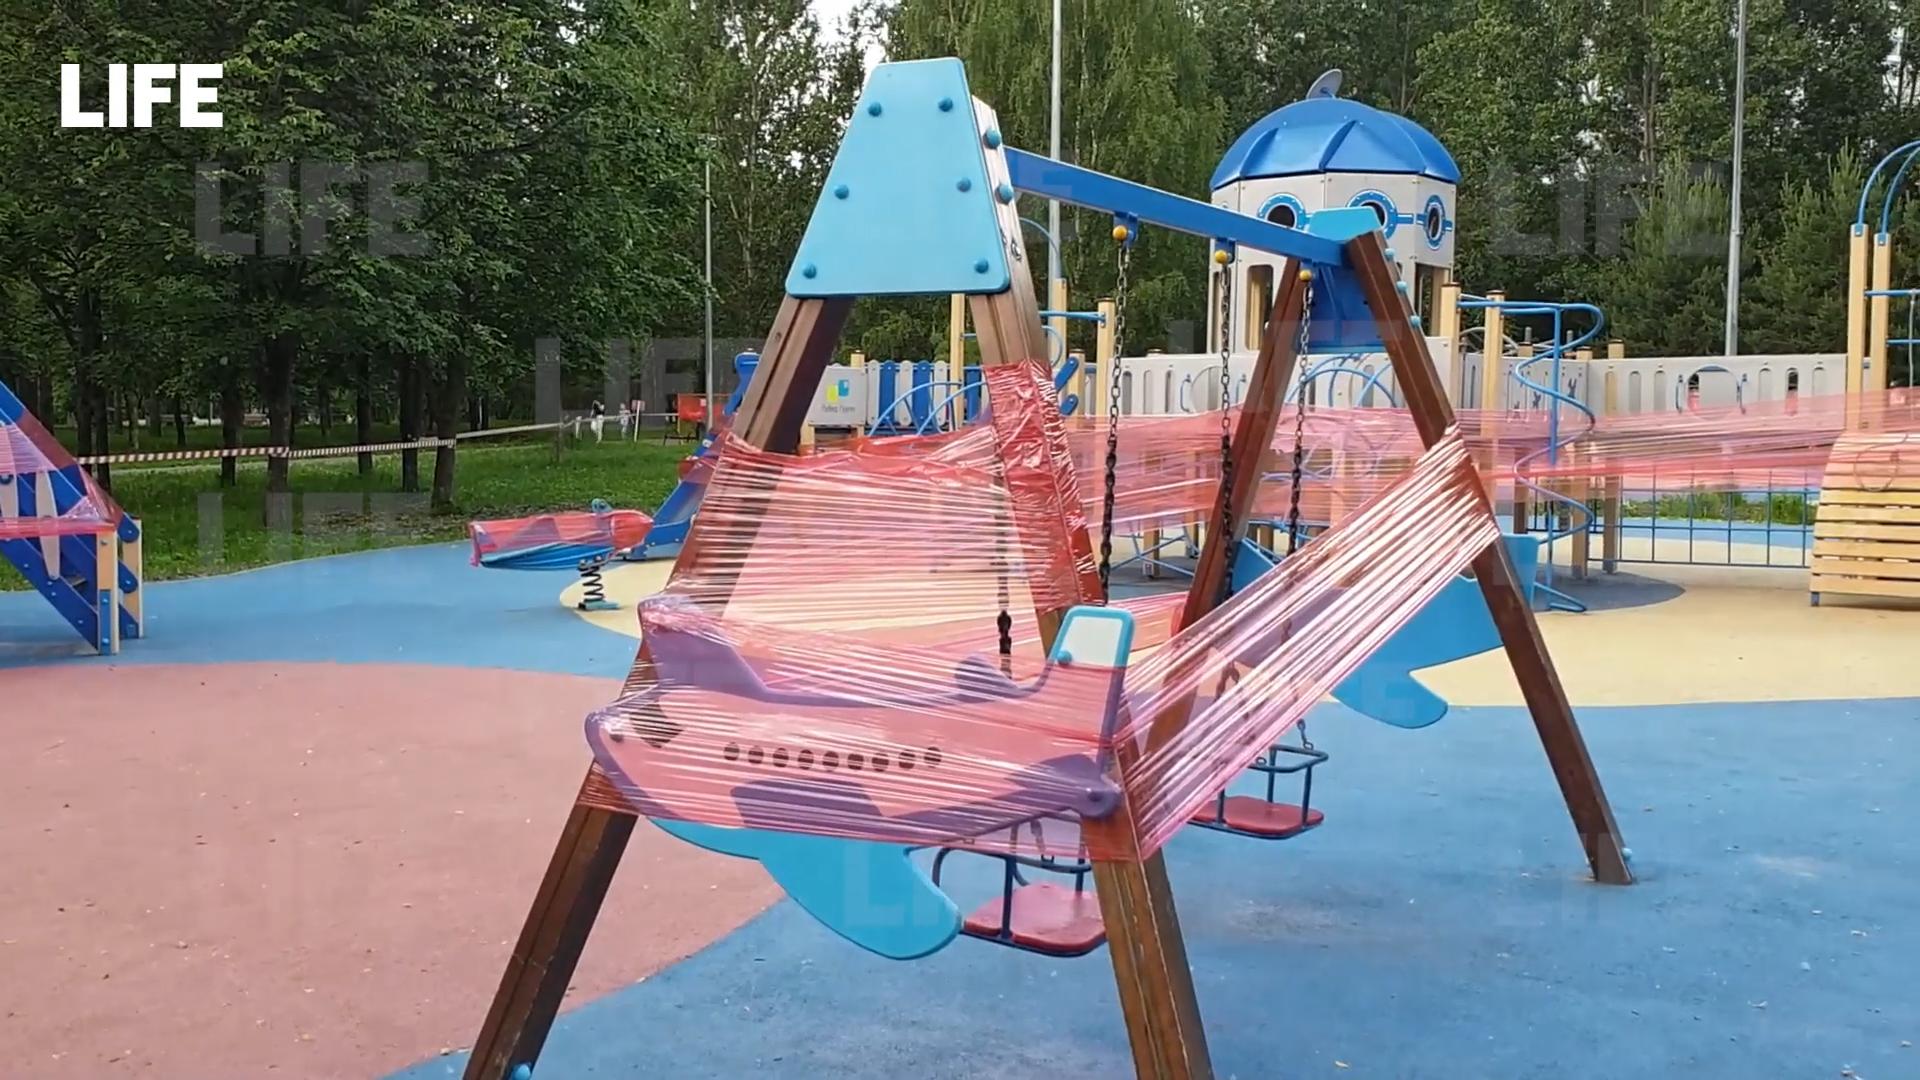 Закрыты площадки в парках и фуд-корты: В Москве за сутки выявили максимальное с начала года число заболевших ковидом